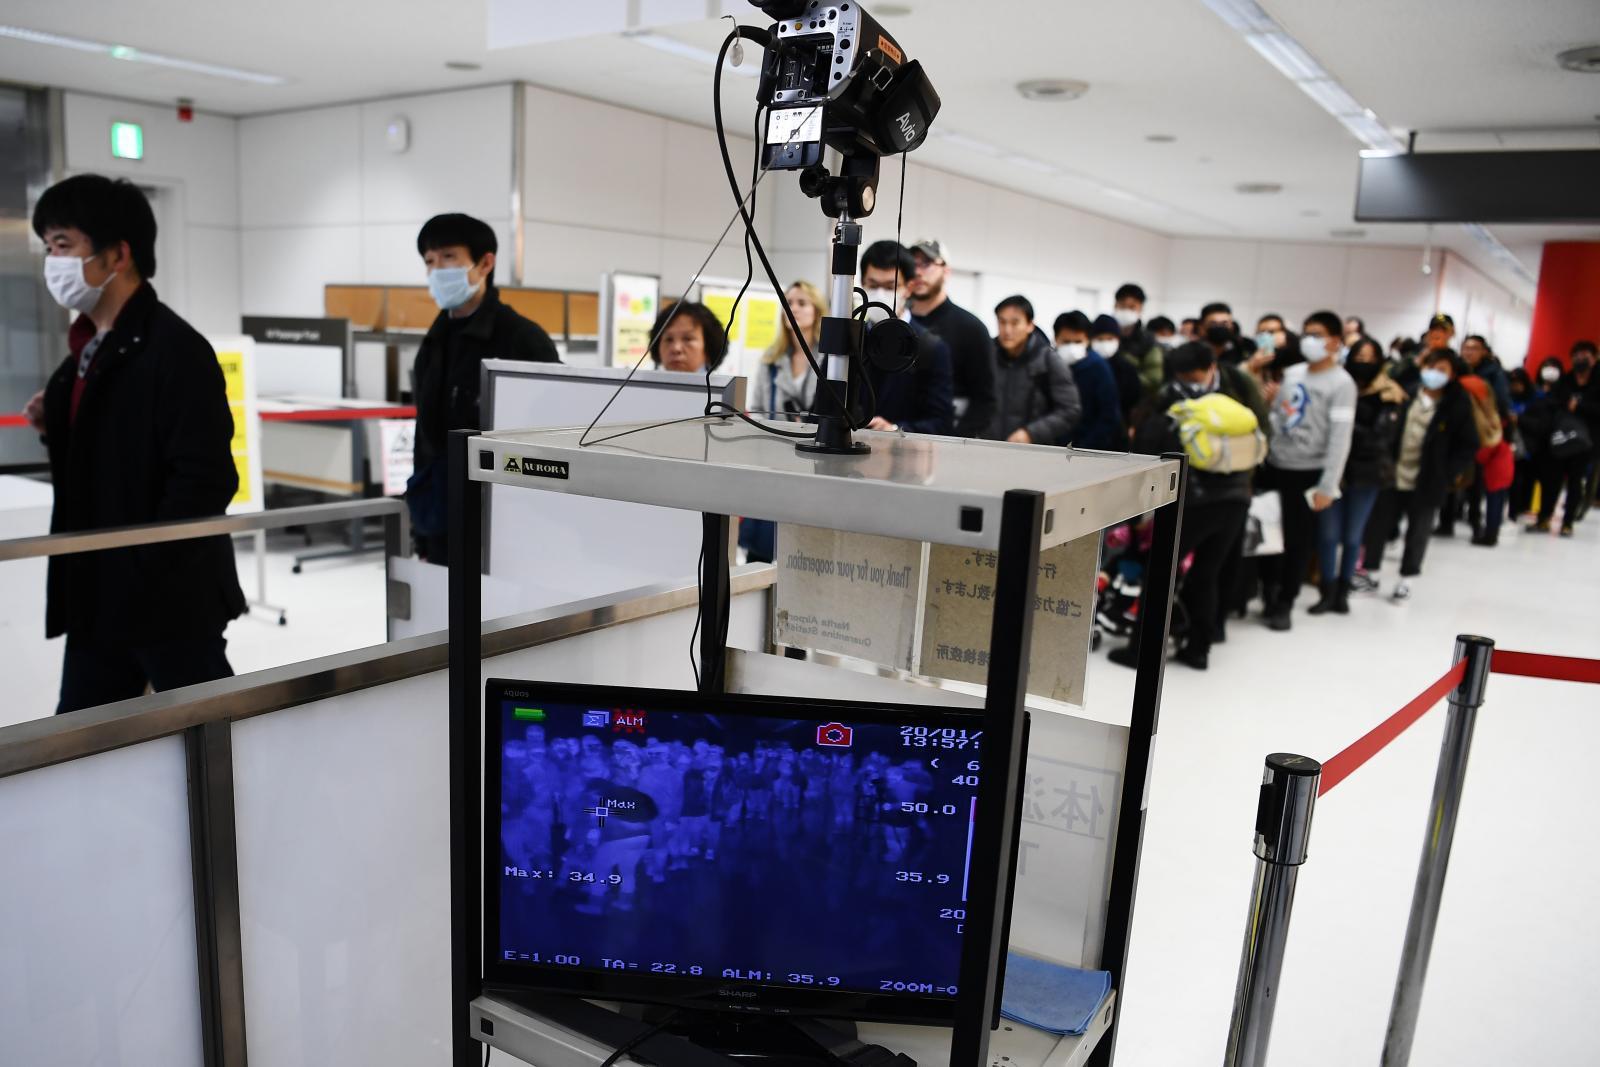 5 สนามบินหลัก สแกนผู้โดยสารจากเมืองกวางโจว100% คุมเข้มไวรัสโคโรนา